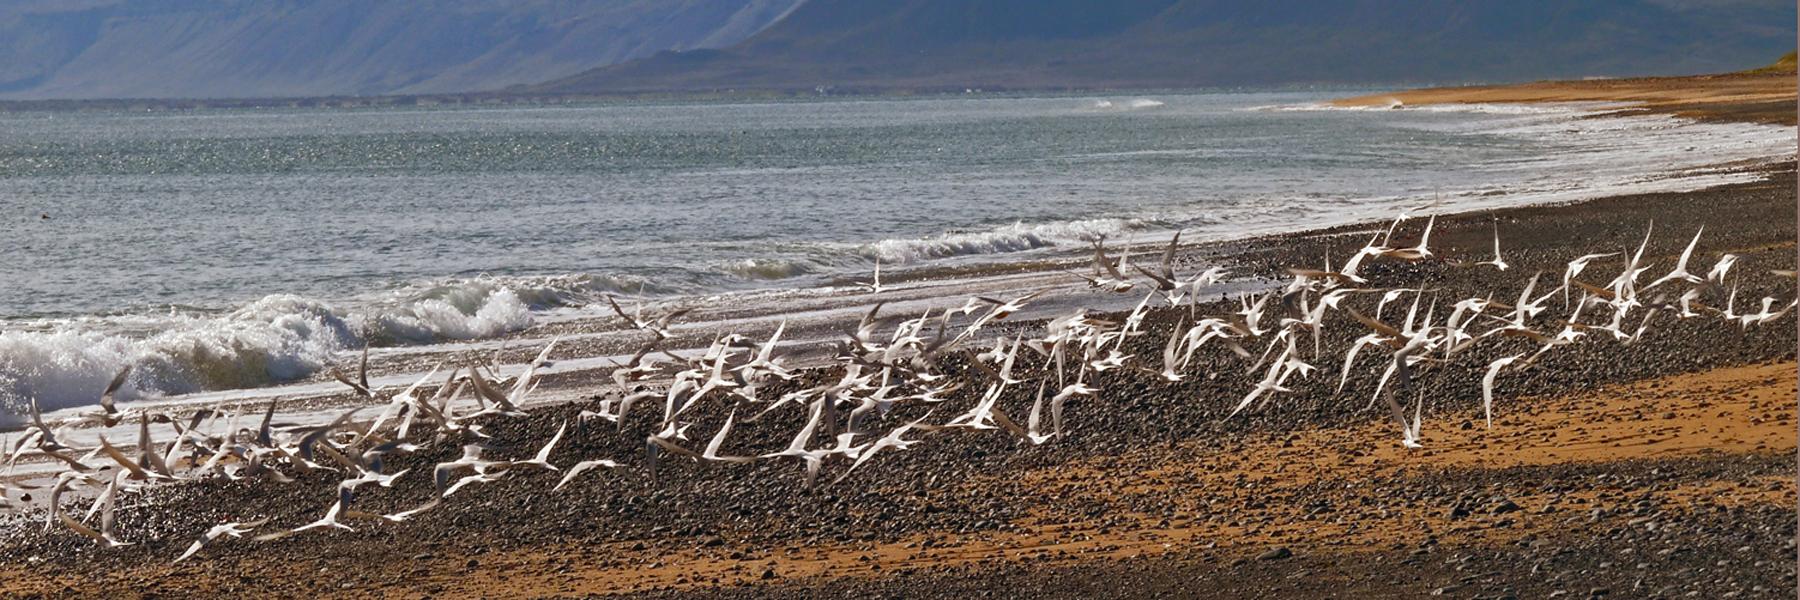 arctic-terns